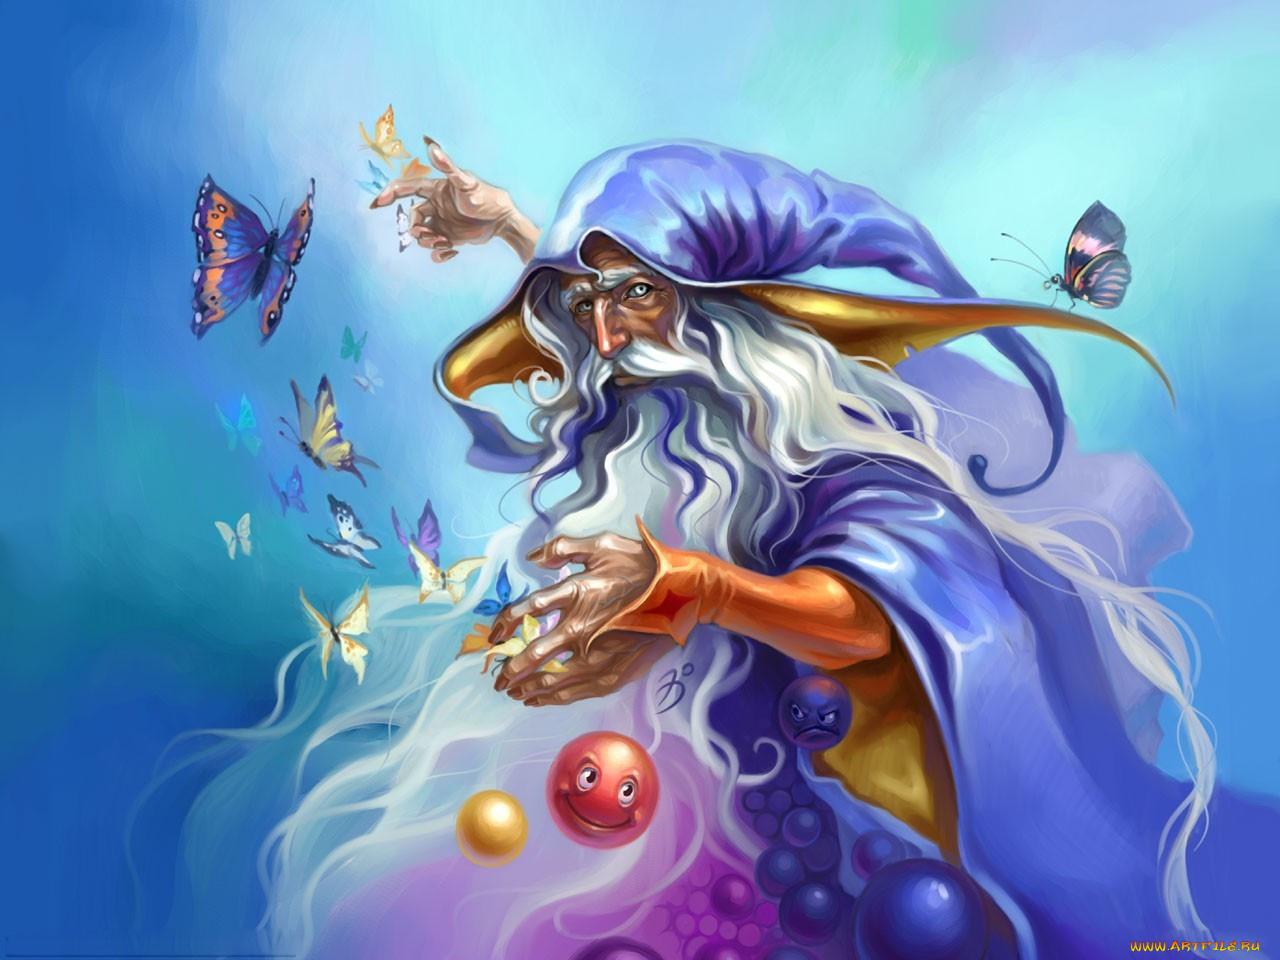 Картинка сказочного колдуна